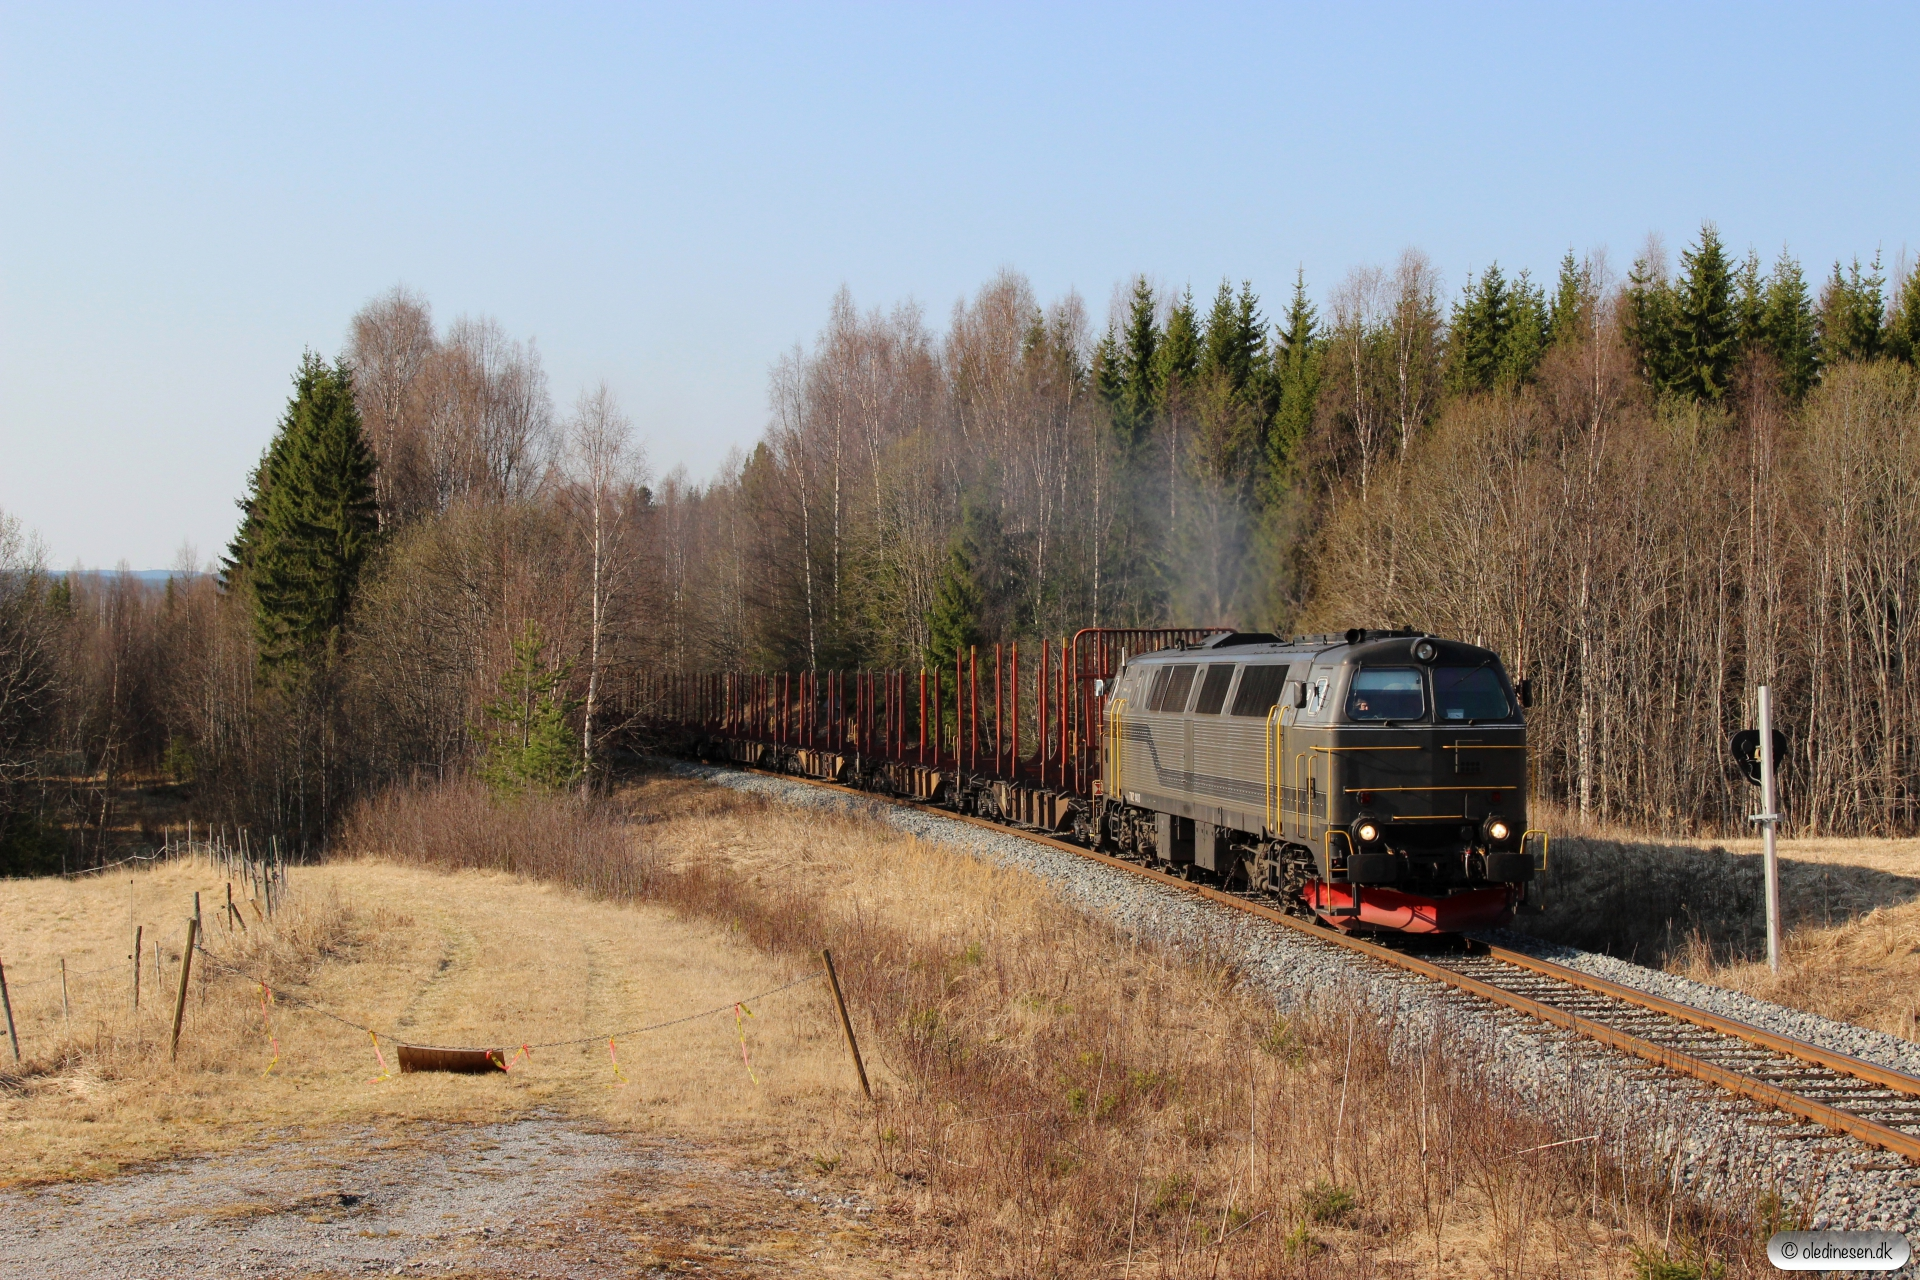 BLSR TMZ 1403 med GT 46192. Forsmo - Ådalsliden 04.05.2016.